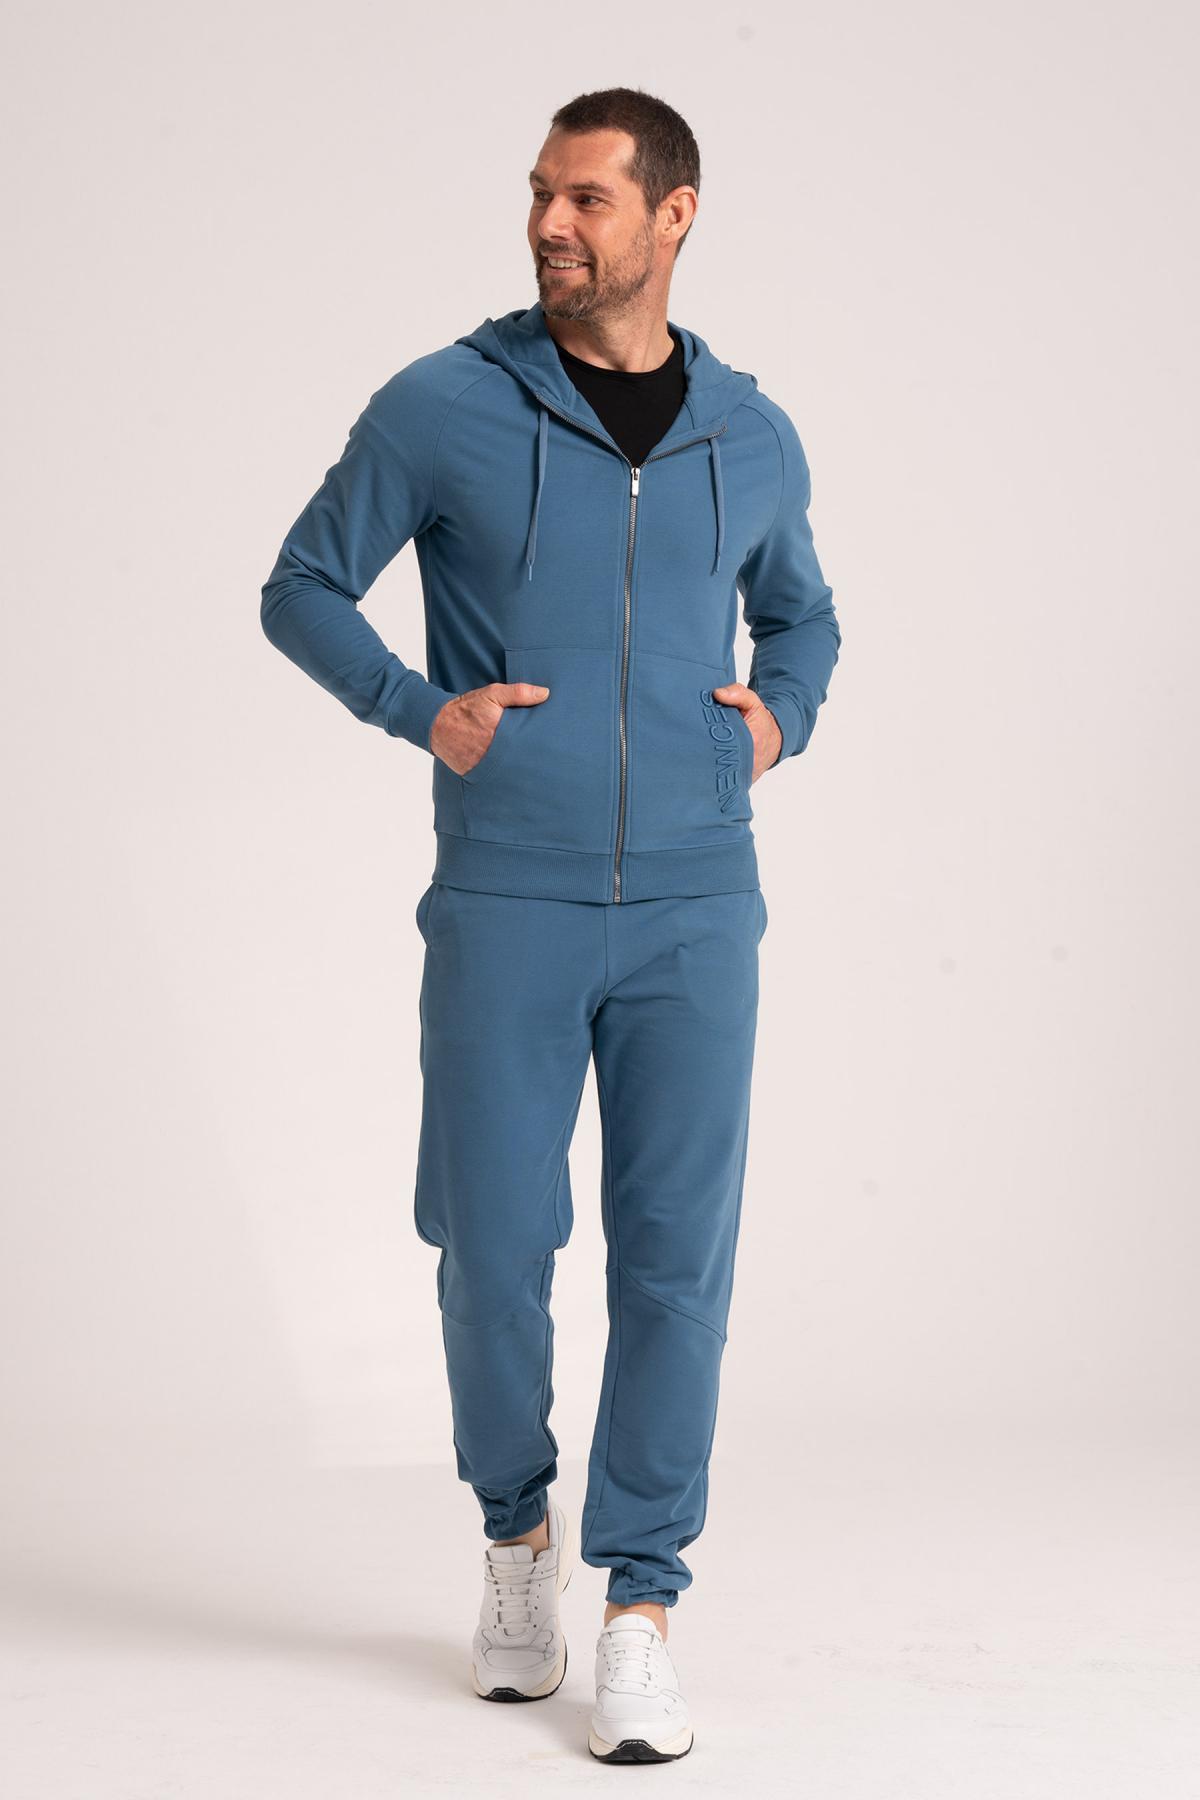 Zippered Sweatshirt newces-5009-BL